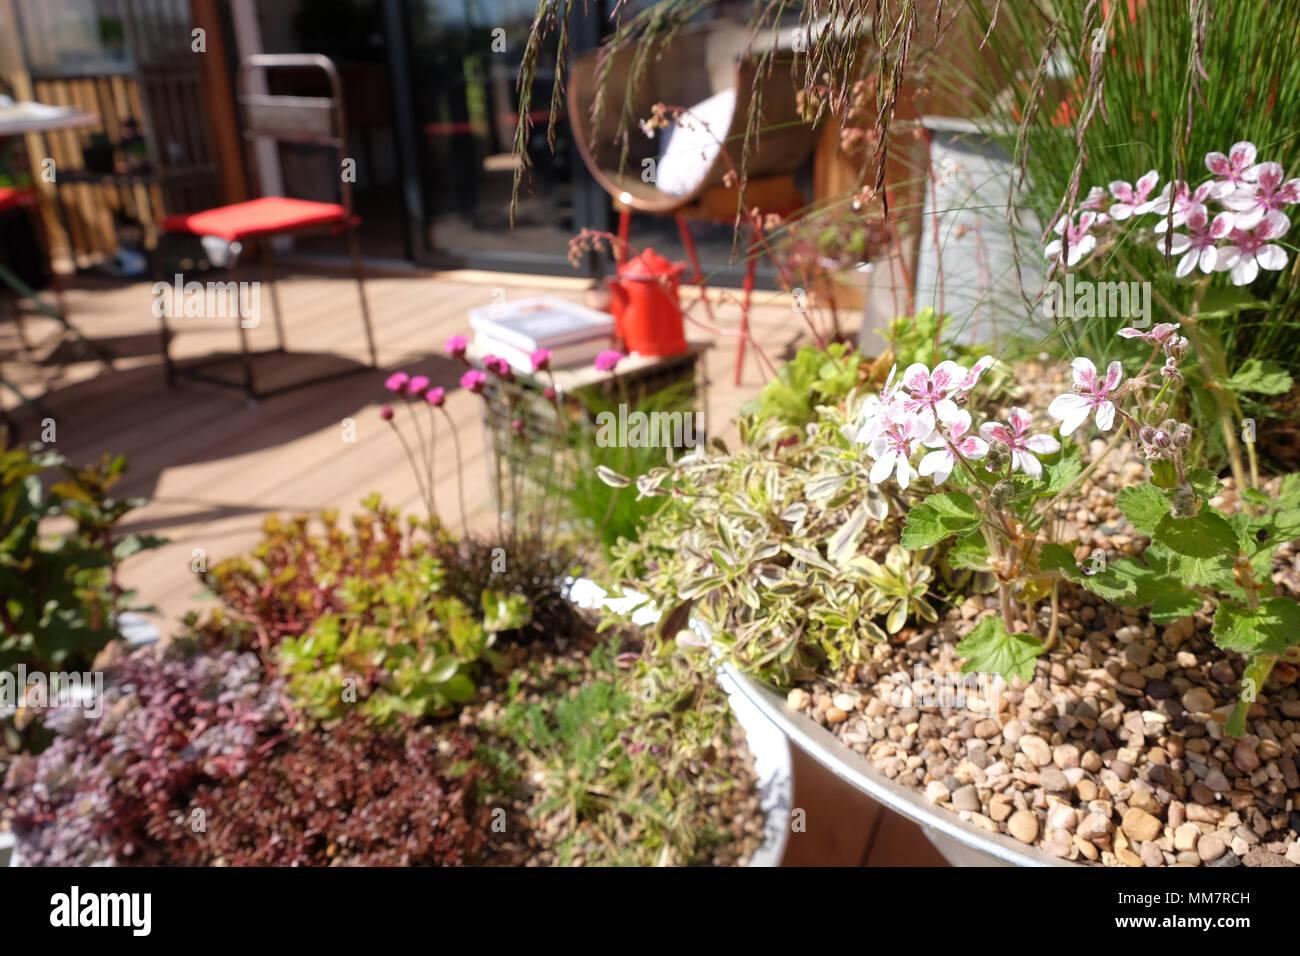 Small Garden Design Features Stock Photos Small Garden Design